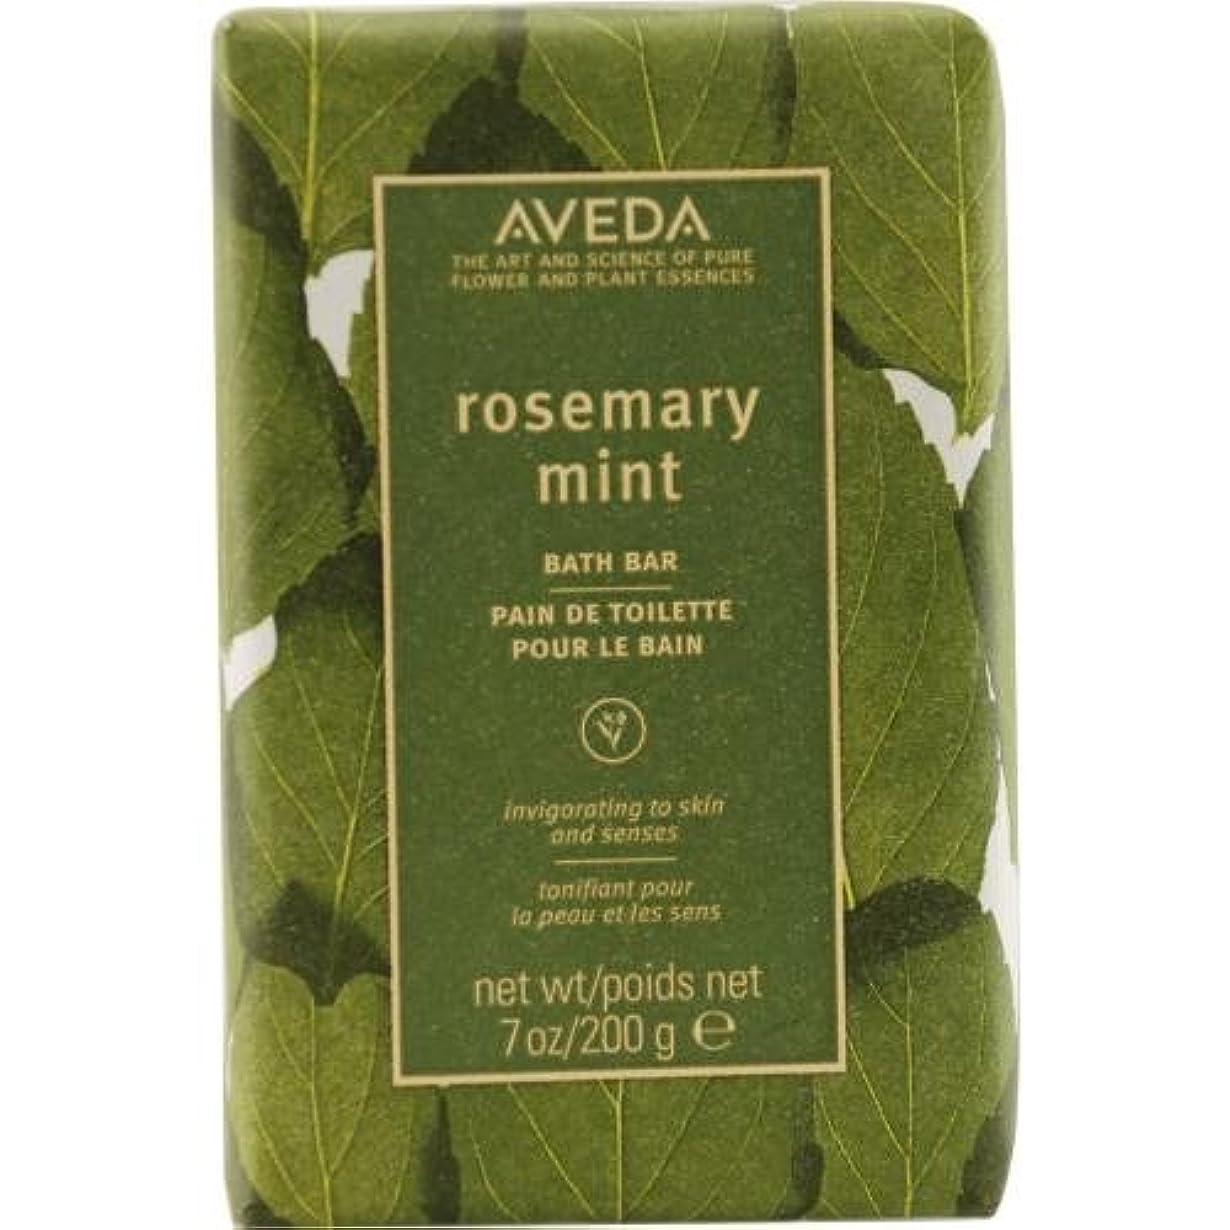 ダイヤルみなさんしがみつくAveda Skincare Rosemary Mint Bath Bar, 7-Ounce Box